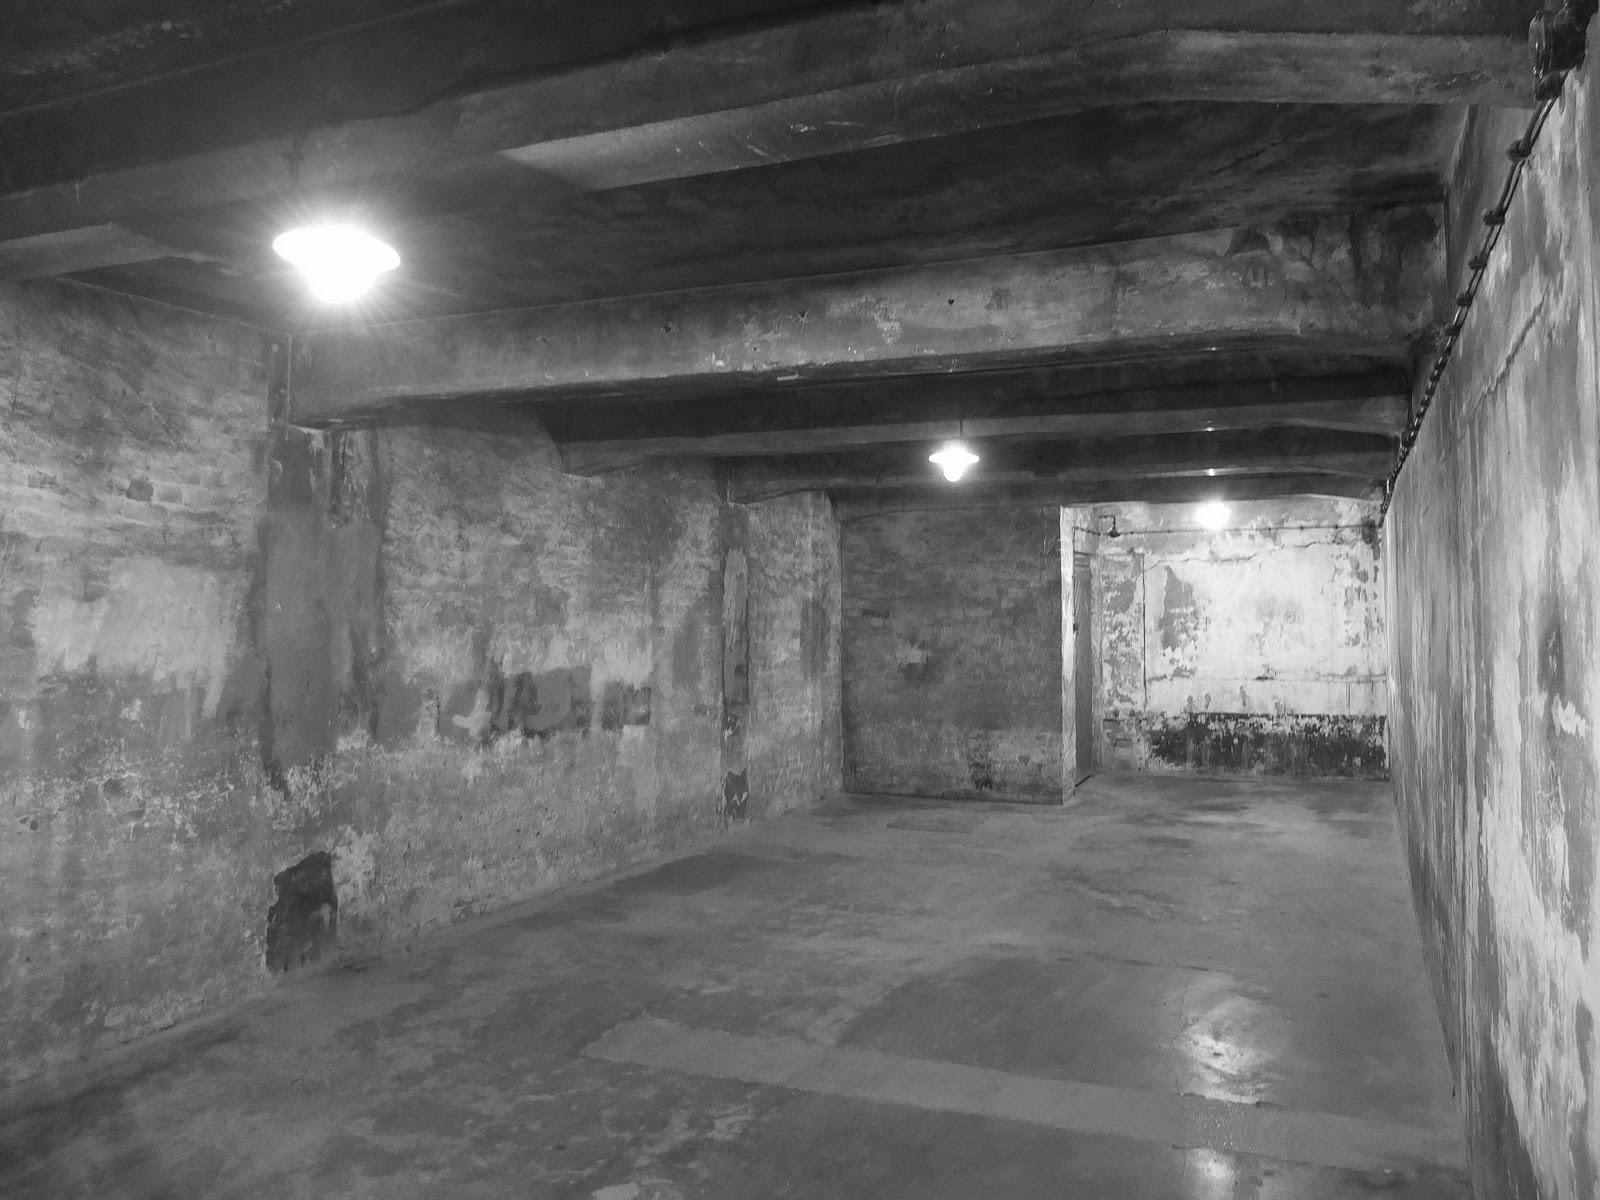 Regard s un t moignage du film shoah for Auschwitz chambre a gaz